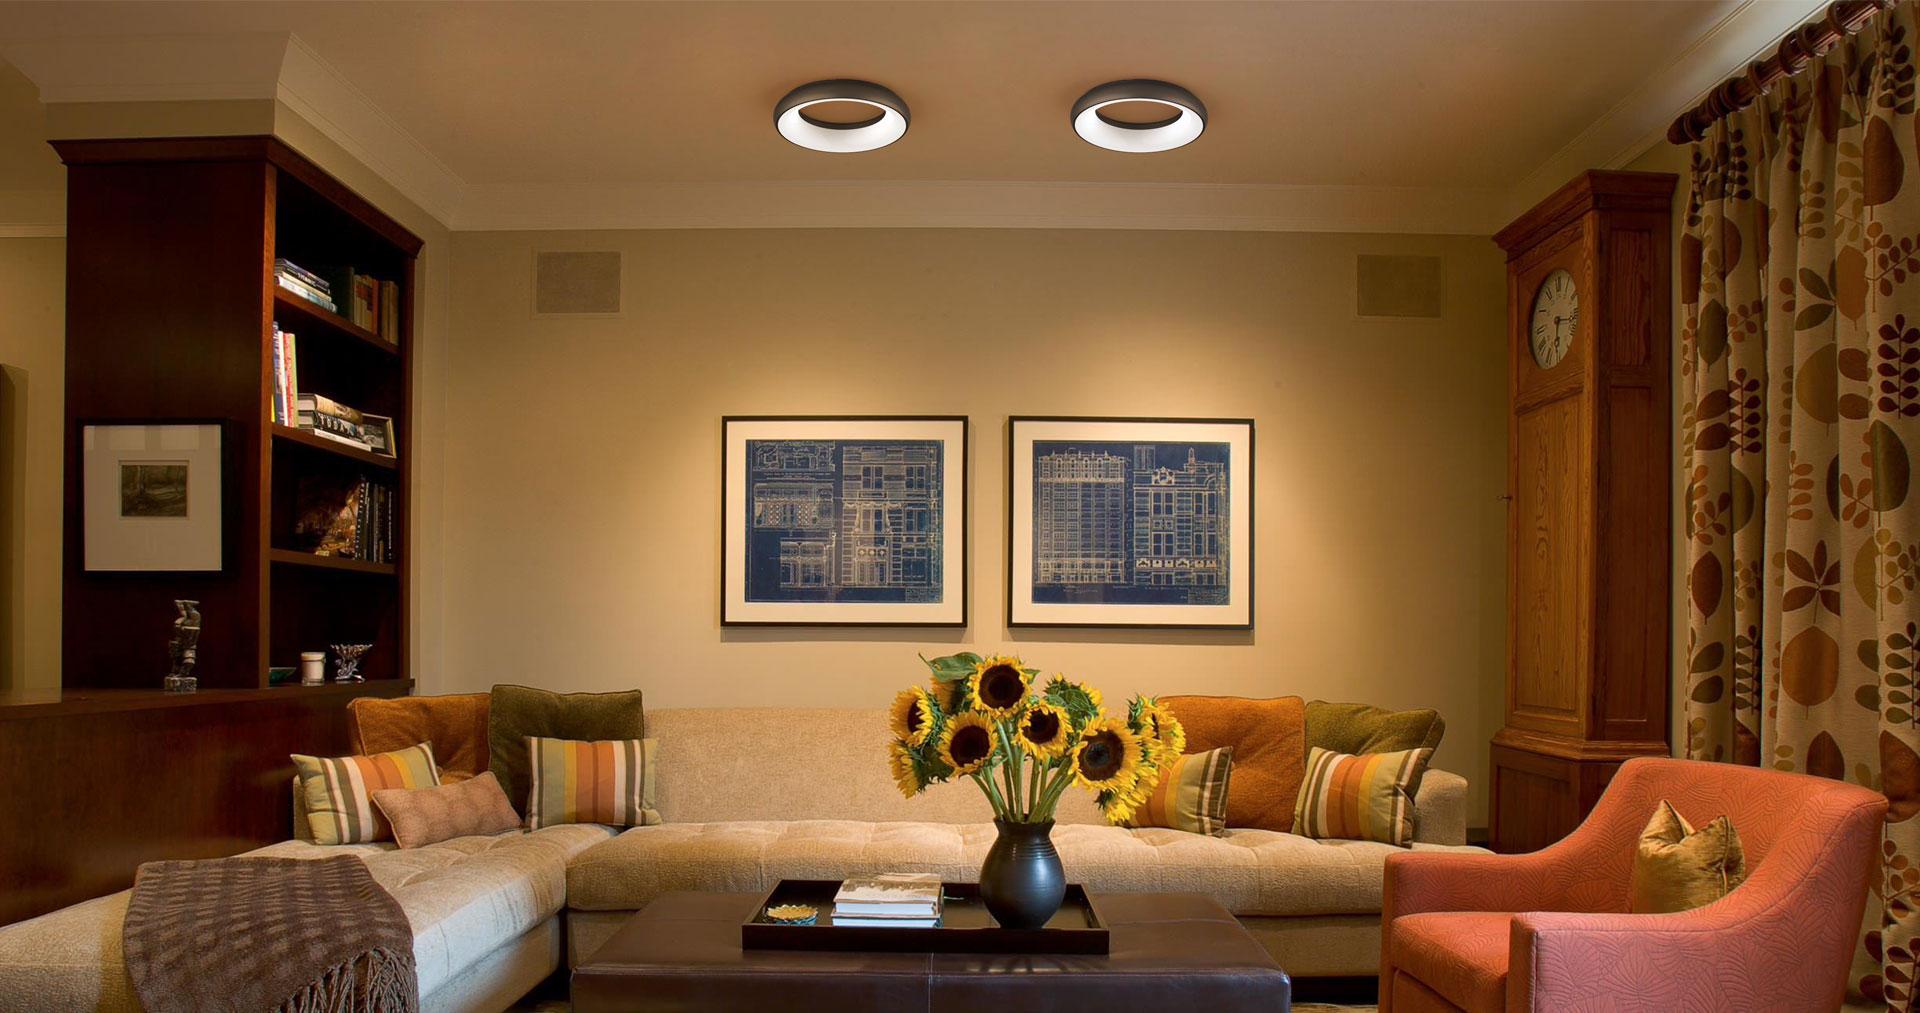 Ceiling Mount Light Fixture 18W 25W 35W